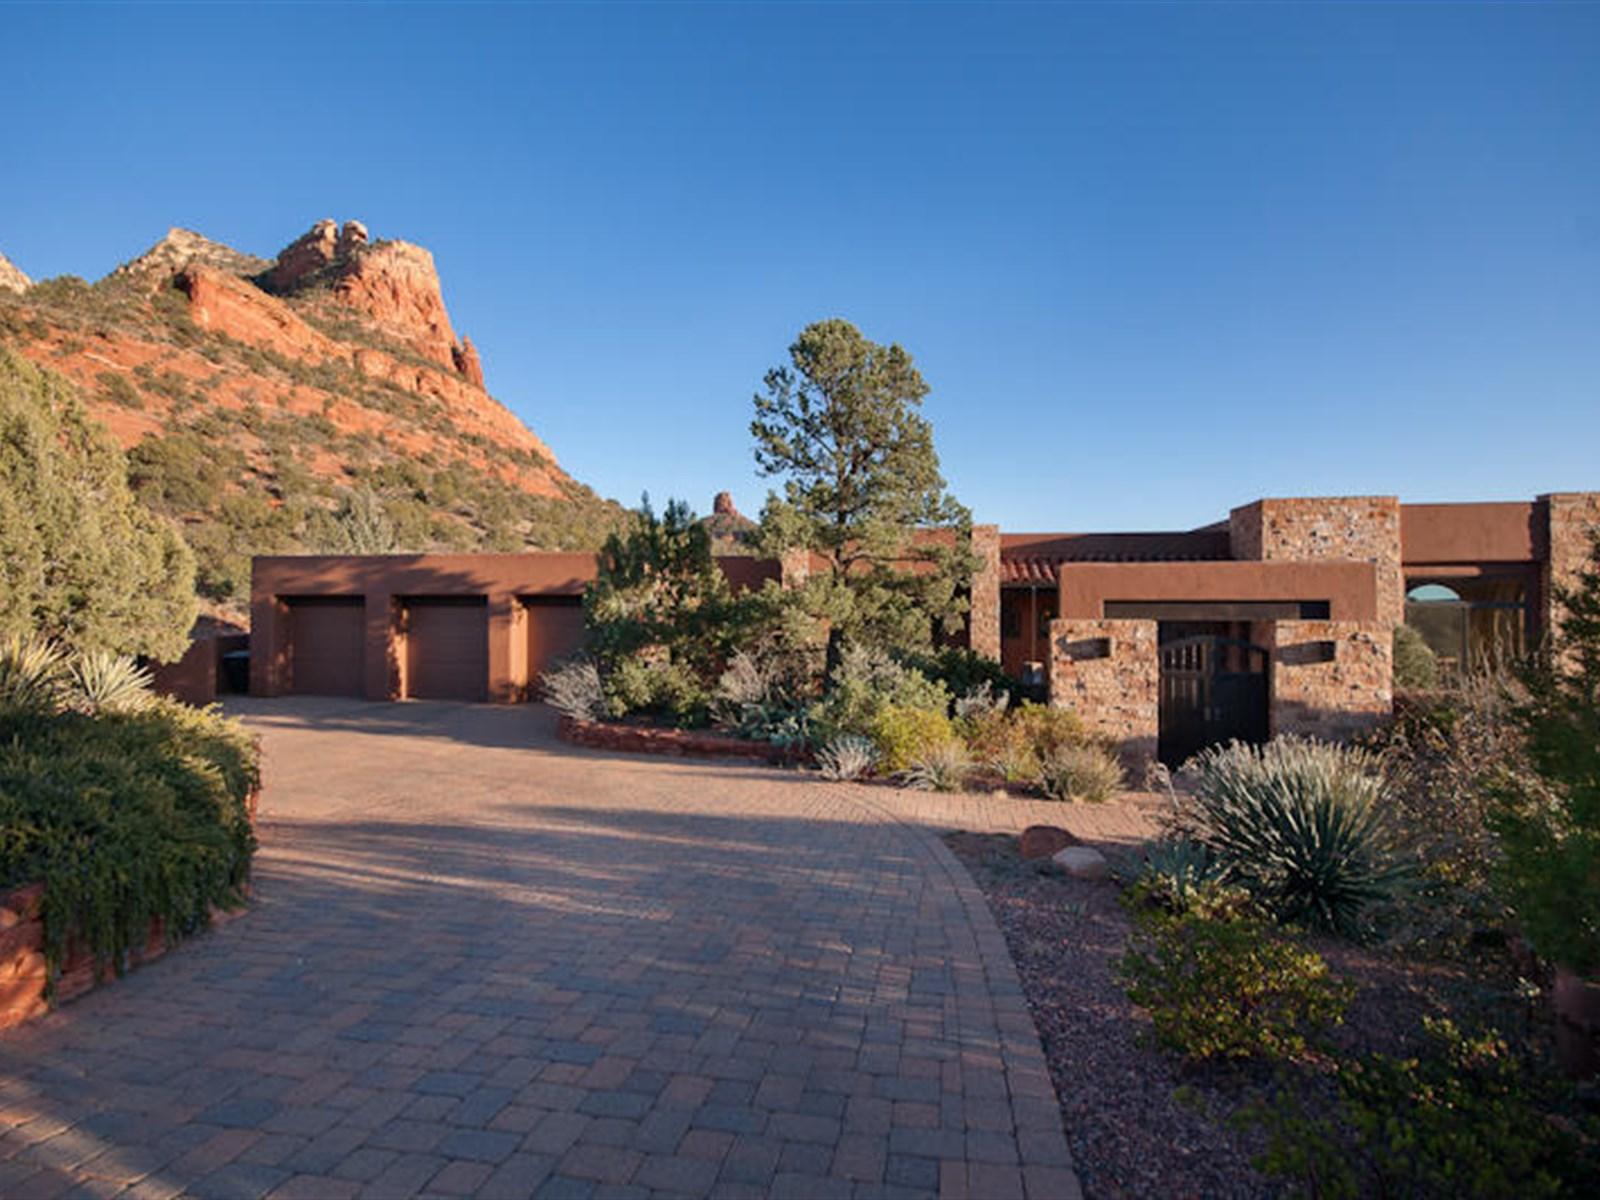 Nhà ở một gia đình vì Bán tại Exquisite & Private Contemporary Southwest Home 20 Garnet Hill Drive Sedona, Arizona, 86336 Hoa Kỳ